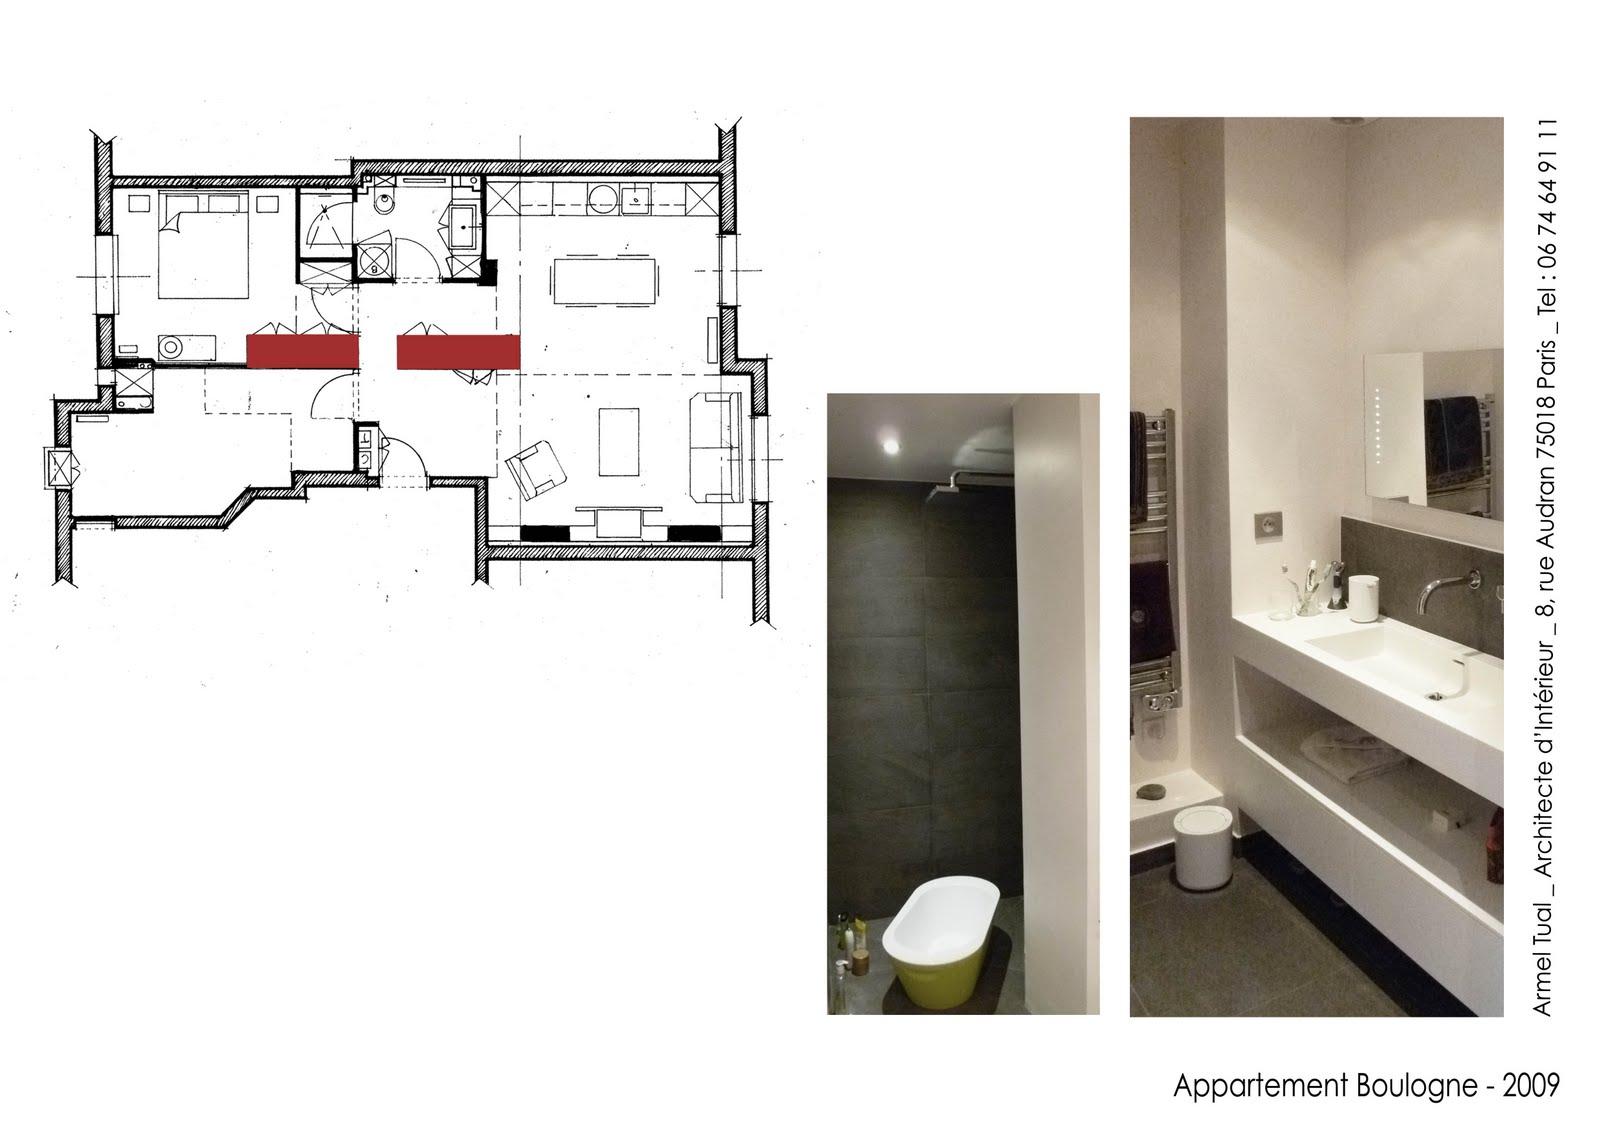 Armel tual architecte d 39 int rieur cfai appartement de 65m2 for Architecte d interieur quimper